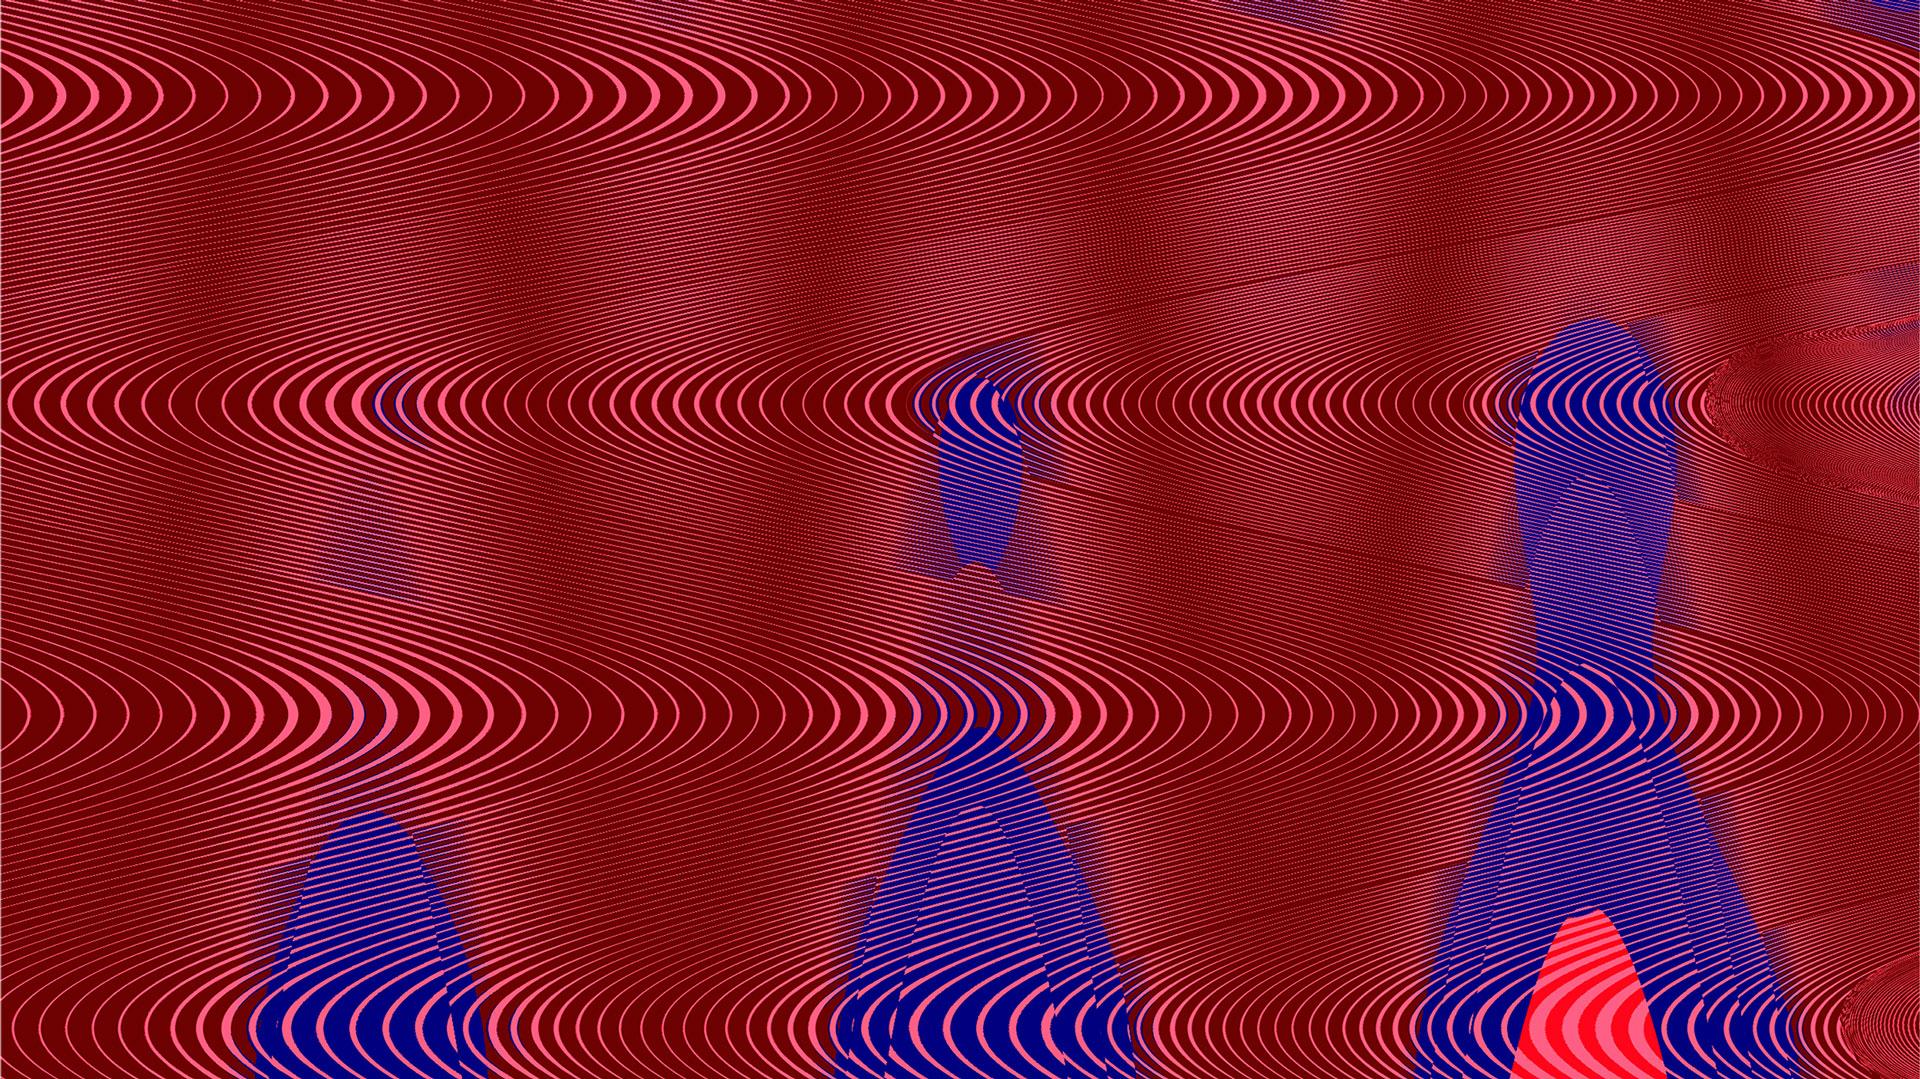 Waves-Final.jpg